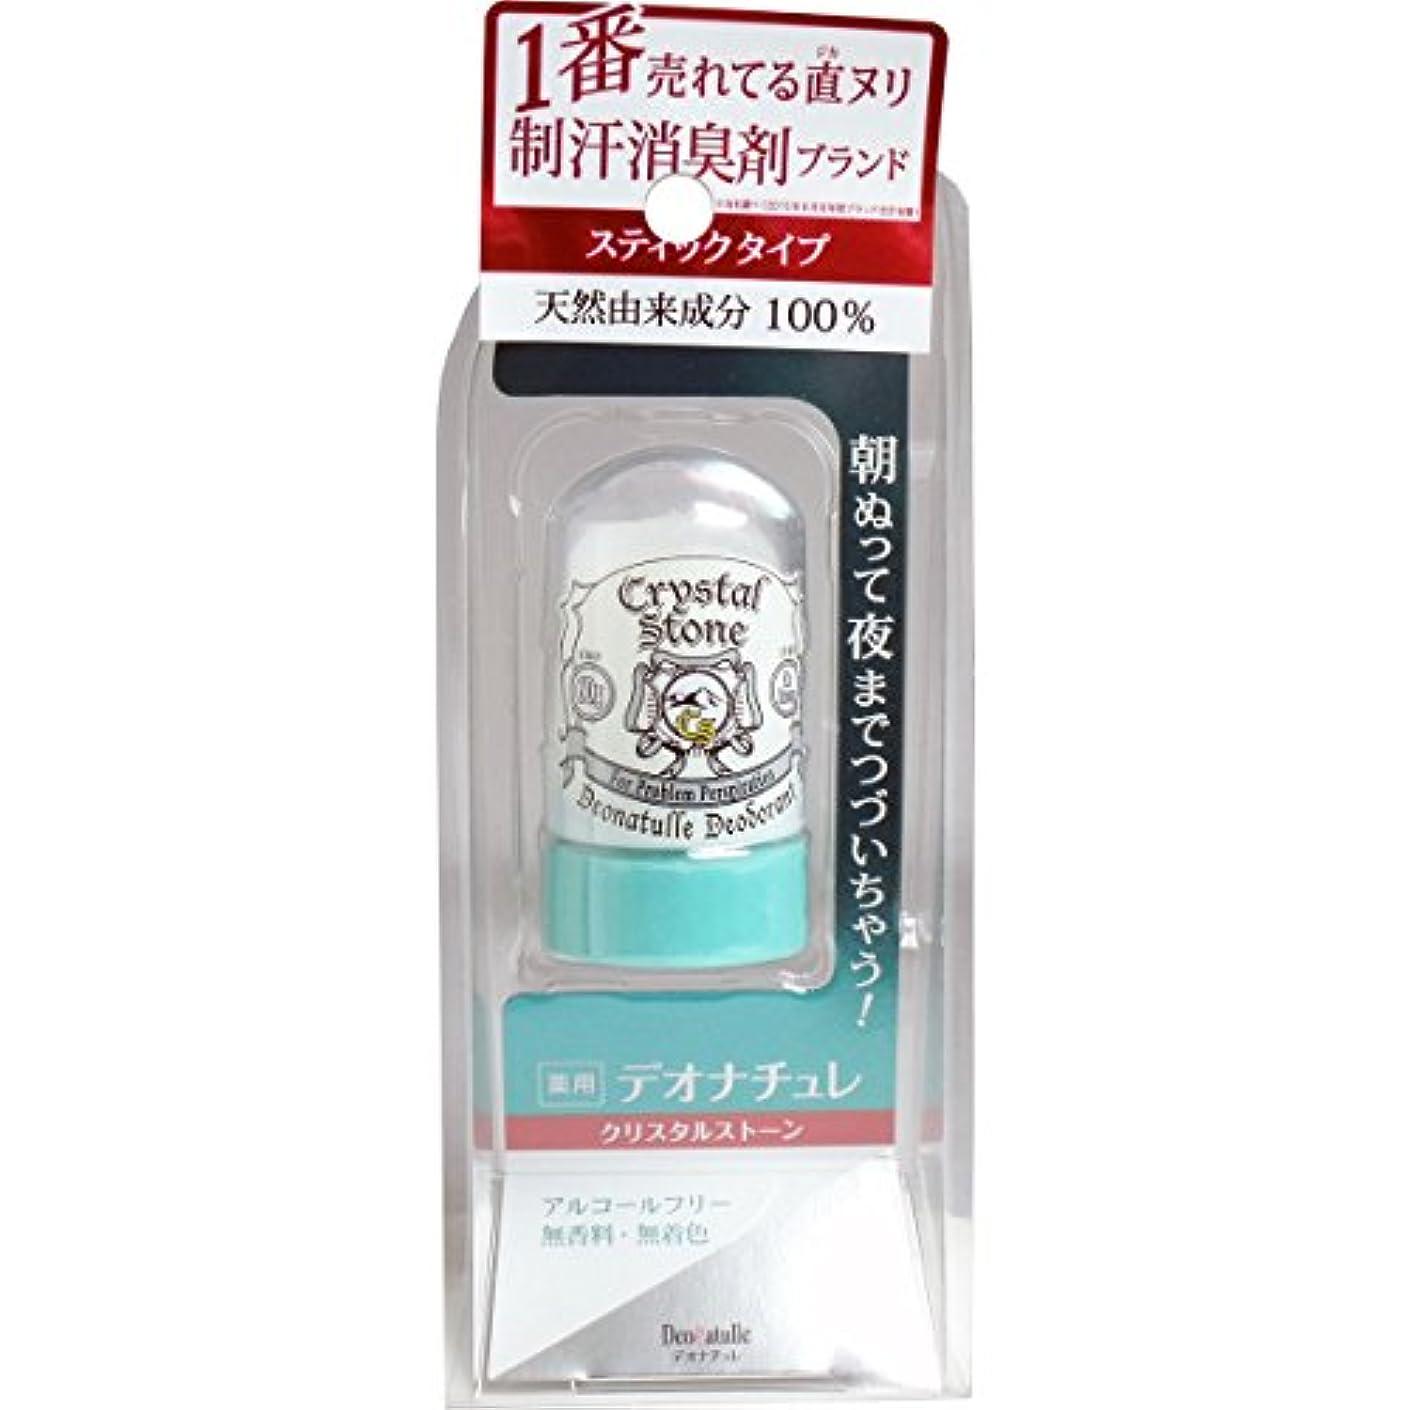 慣れているキャンディーダーベビルのテスデオナチュレ クリスタルストーン 60g(医薬部外品)